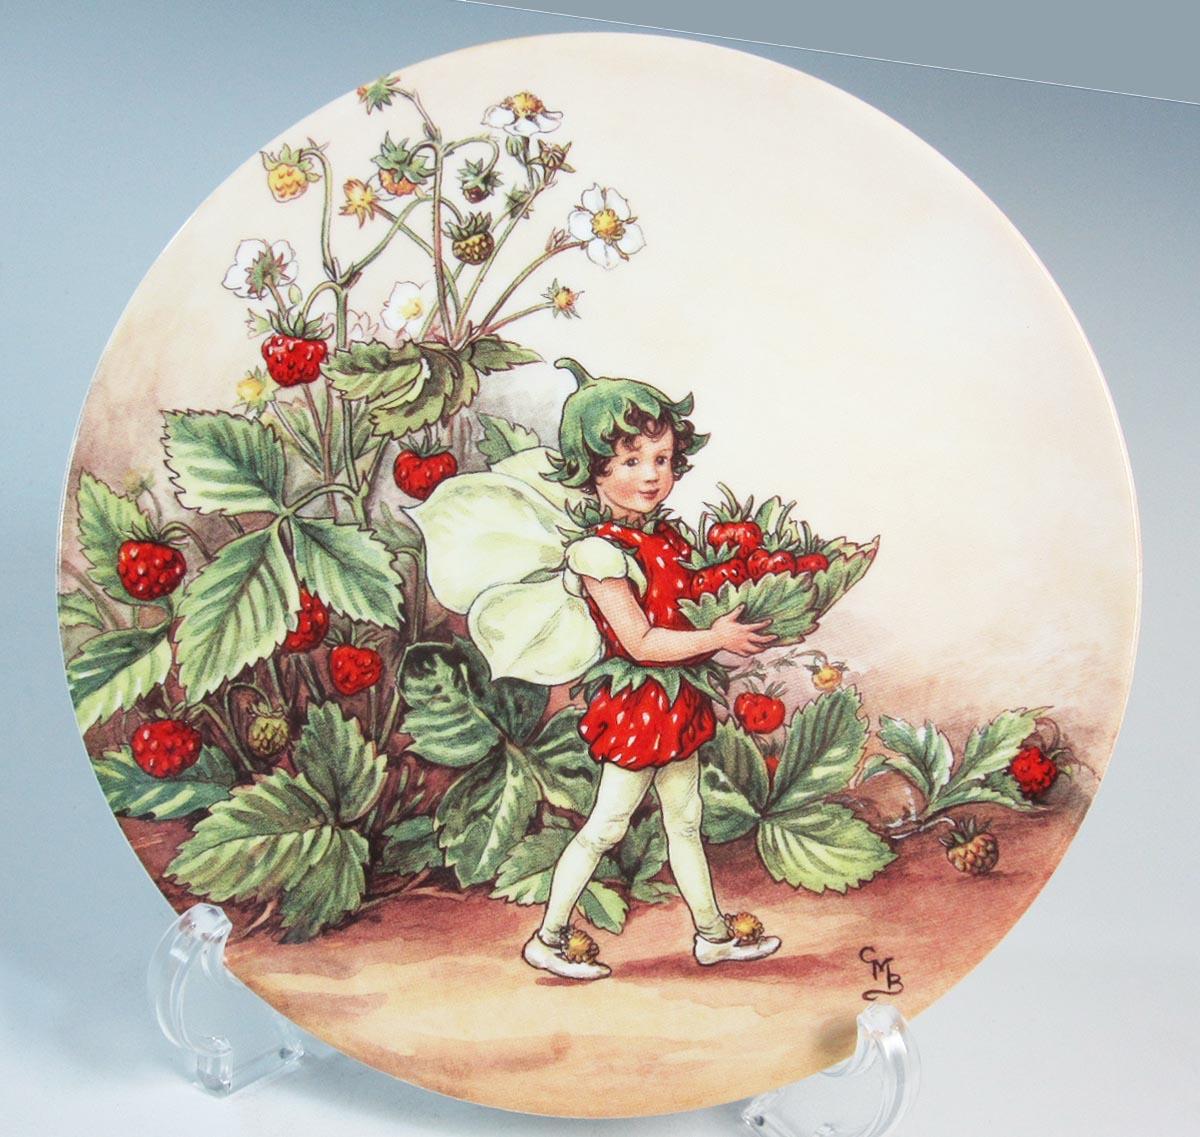 ウェッジウッド Wedgwood フラワーフェアリーコレクション Flower Fairies/花の妖精 ストロベリー 【廃盤品/個数限定】